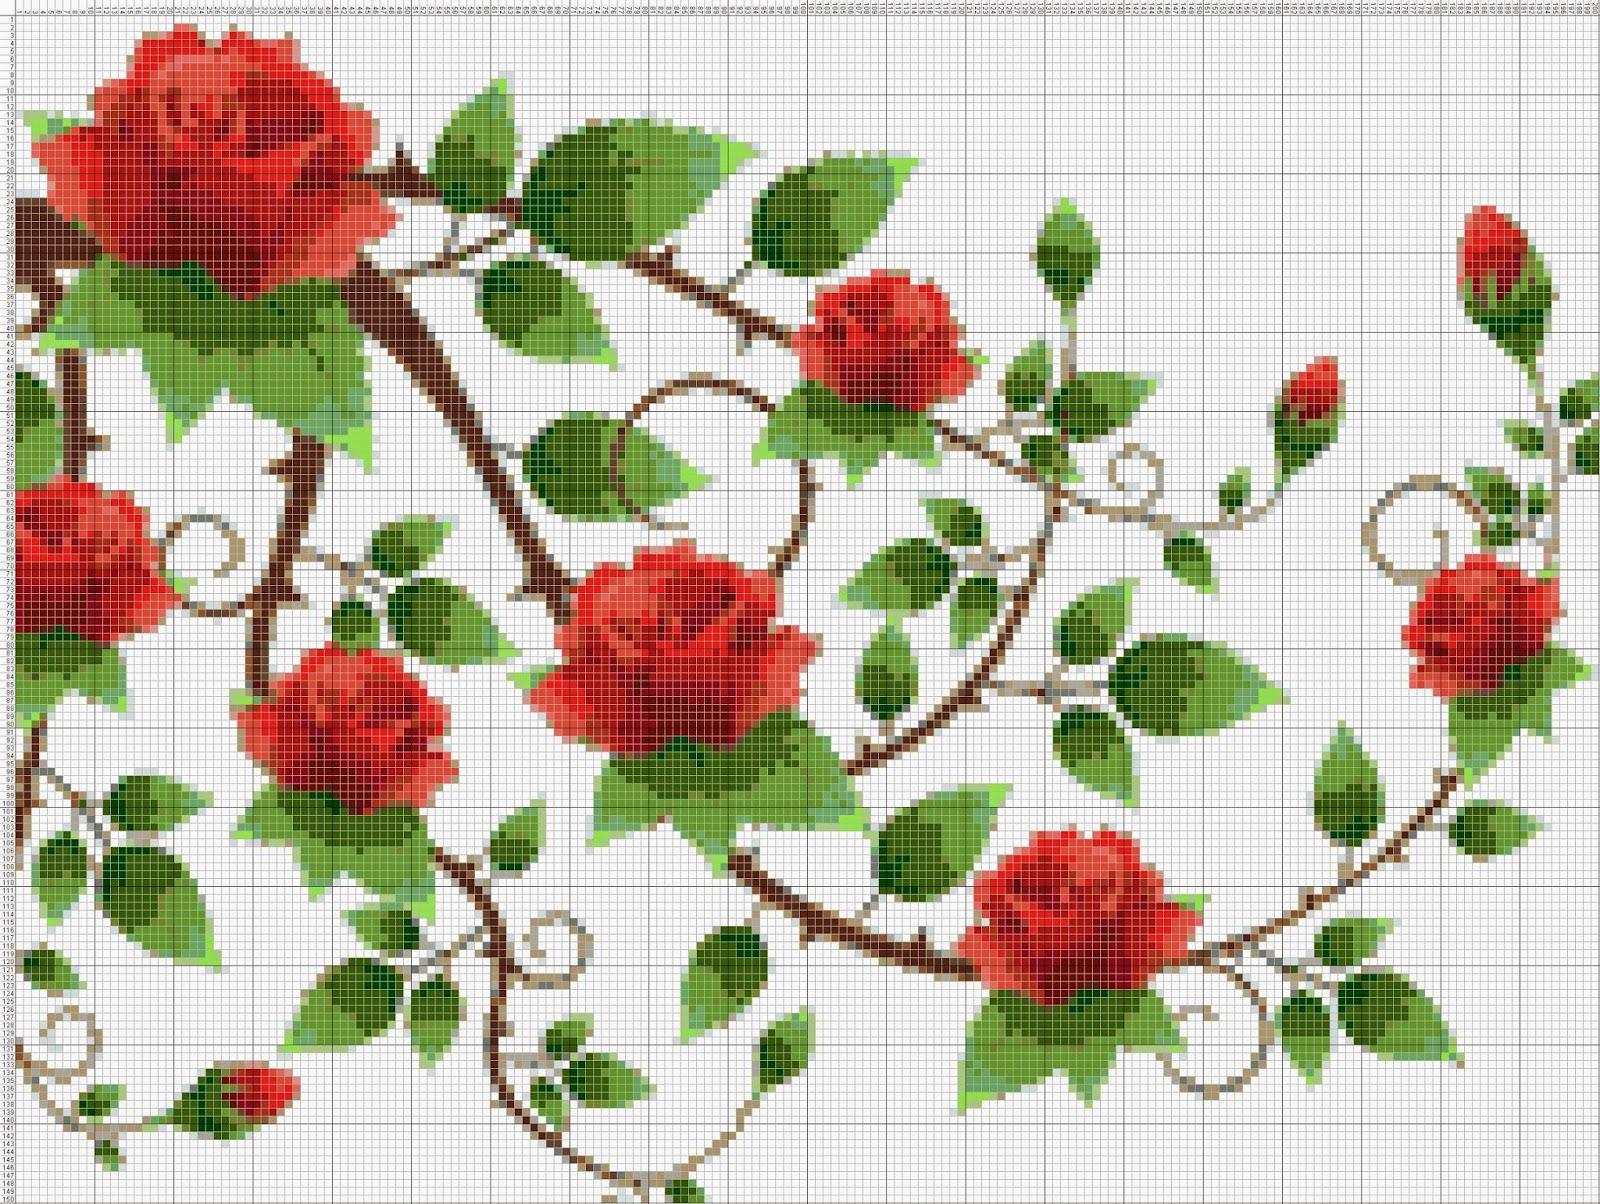 Gambar Pola Kristik Bunga Mawar Merah Rimbun